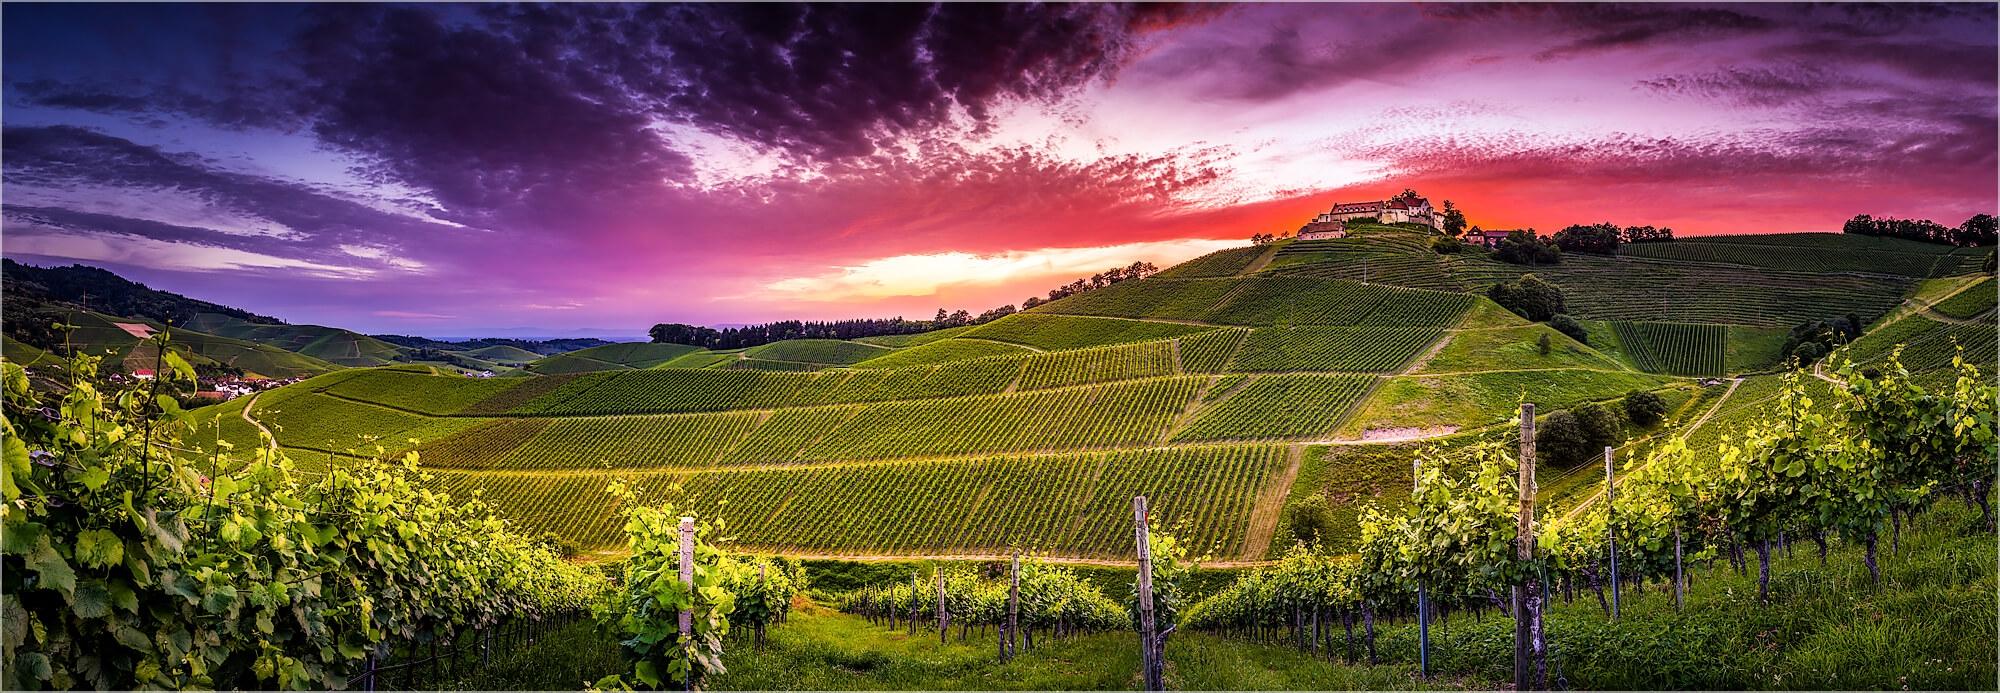 Panoramabild Sonnenuntergang in den Weinbergen der Ortenau